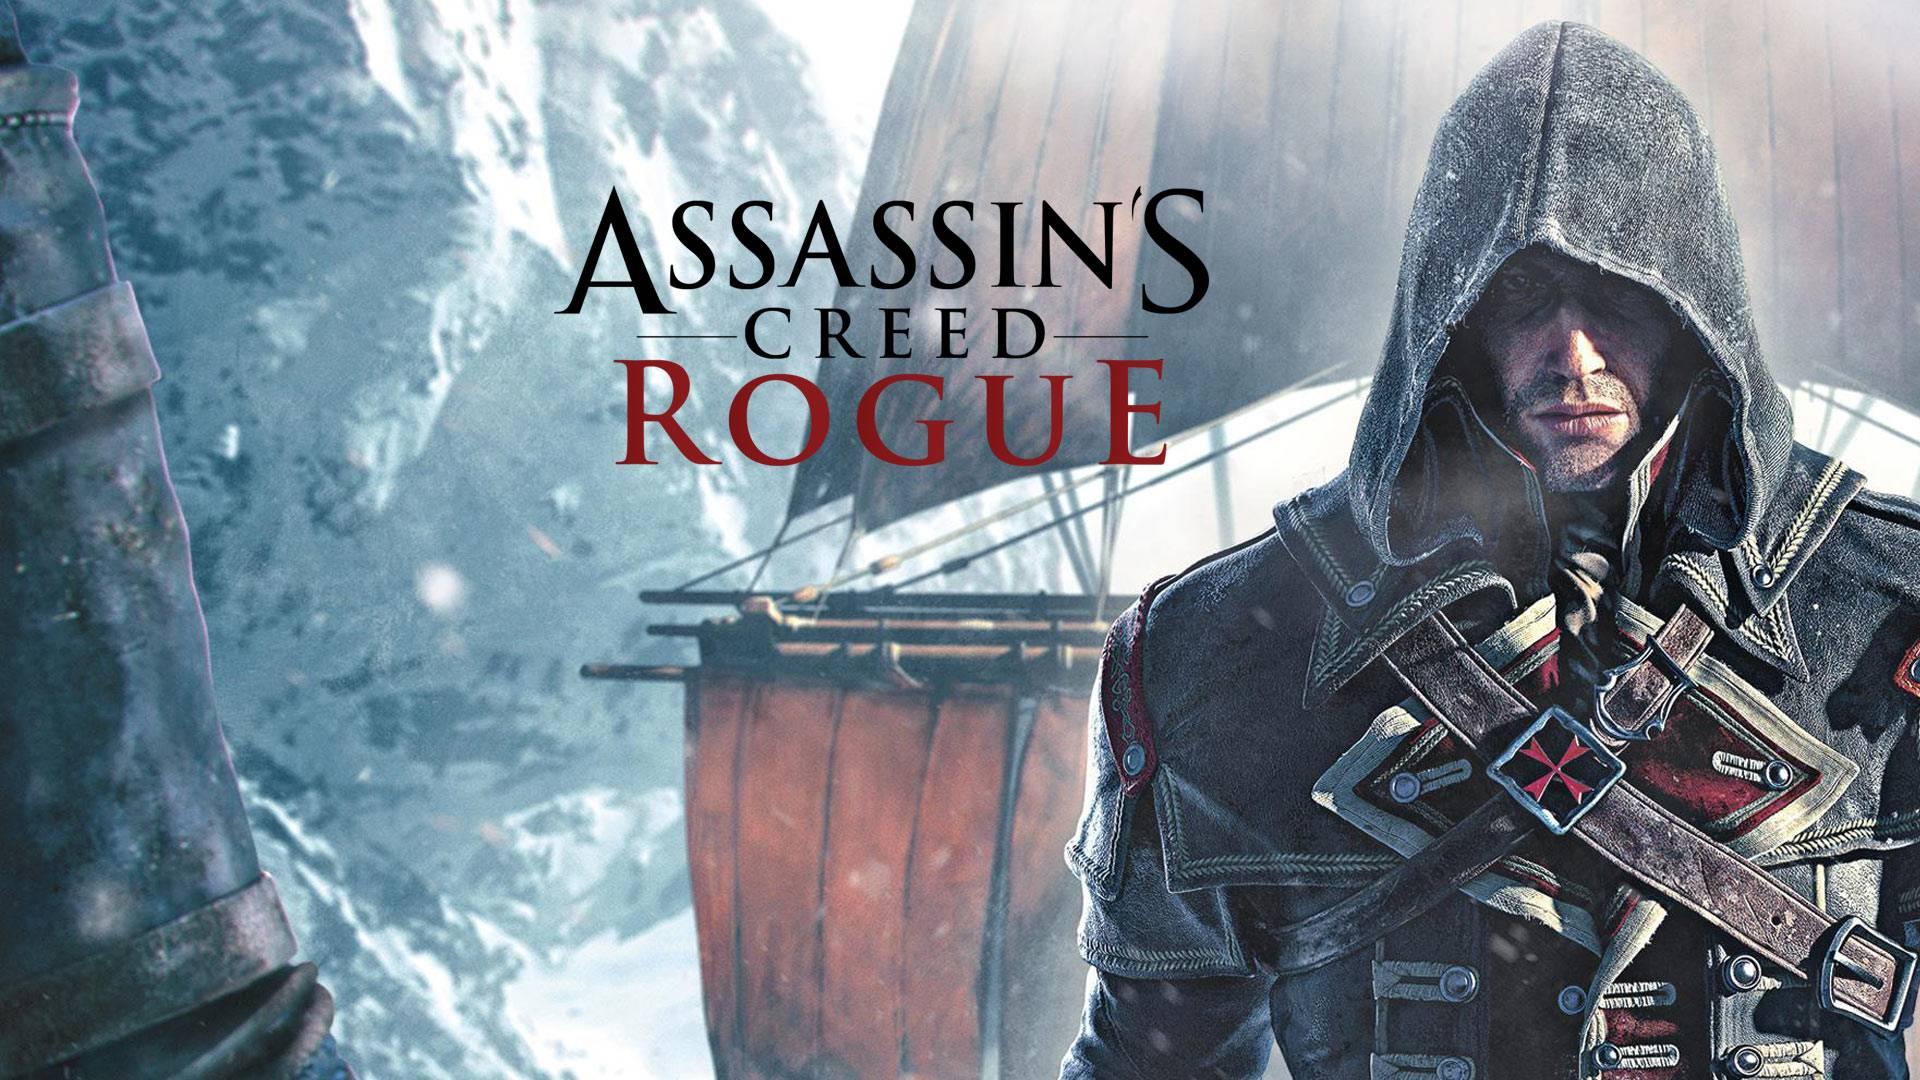 Assassin's Creed Rogue – Comparação gráfica entre as versões de Nintendo Switch, PlayStation 4 e PlayStation 3